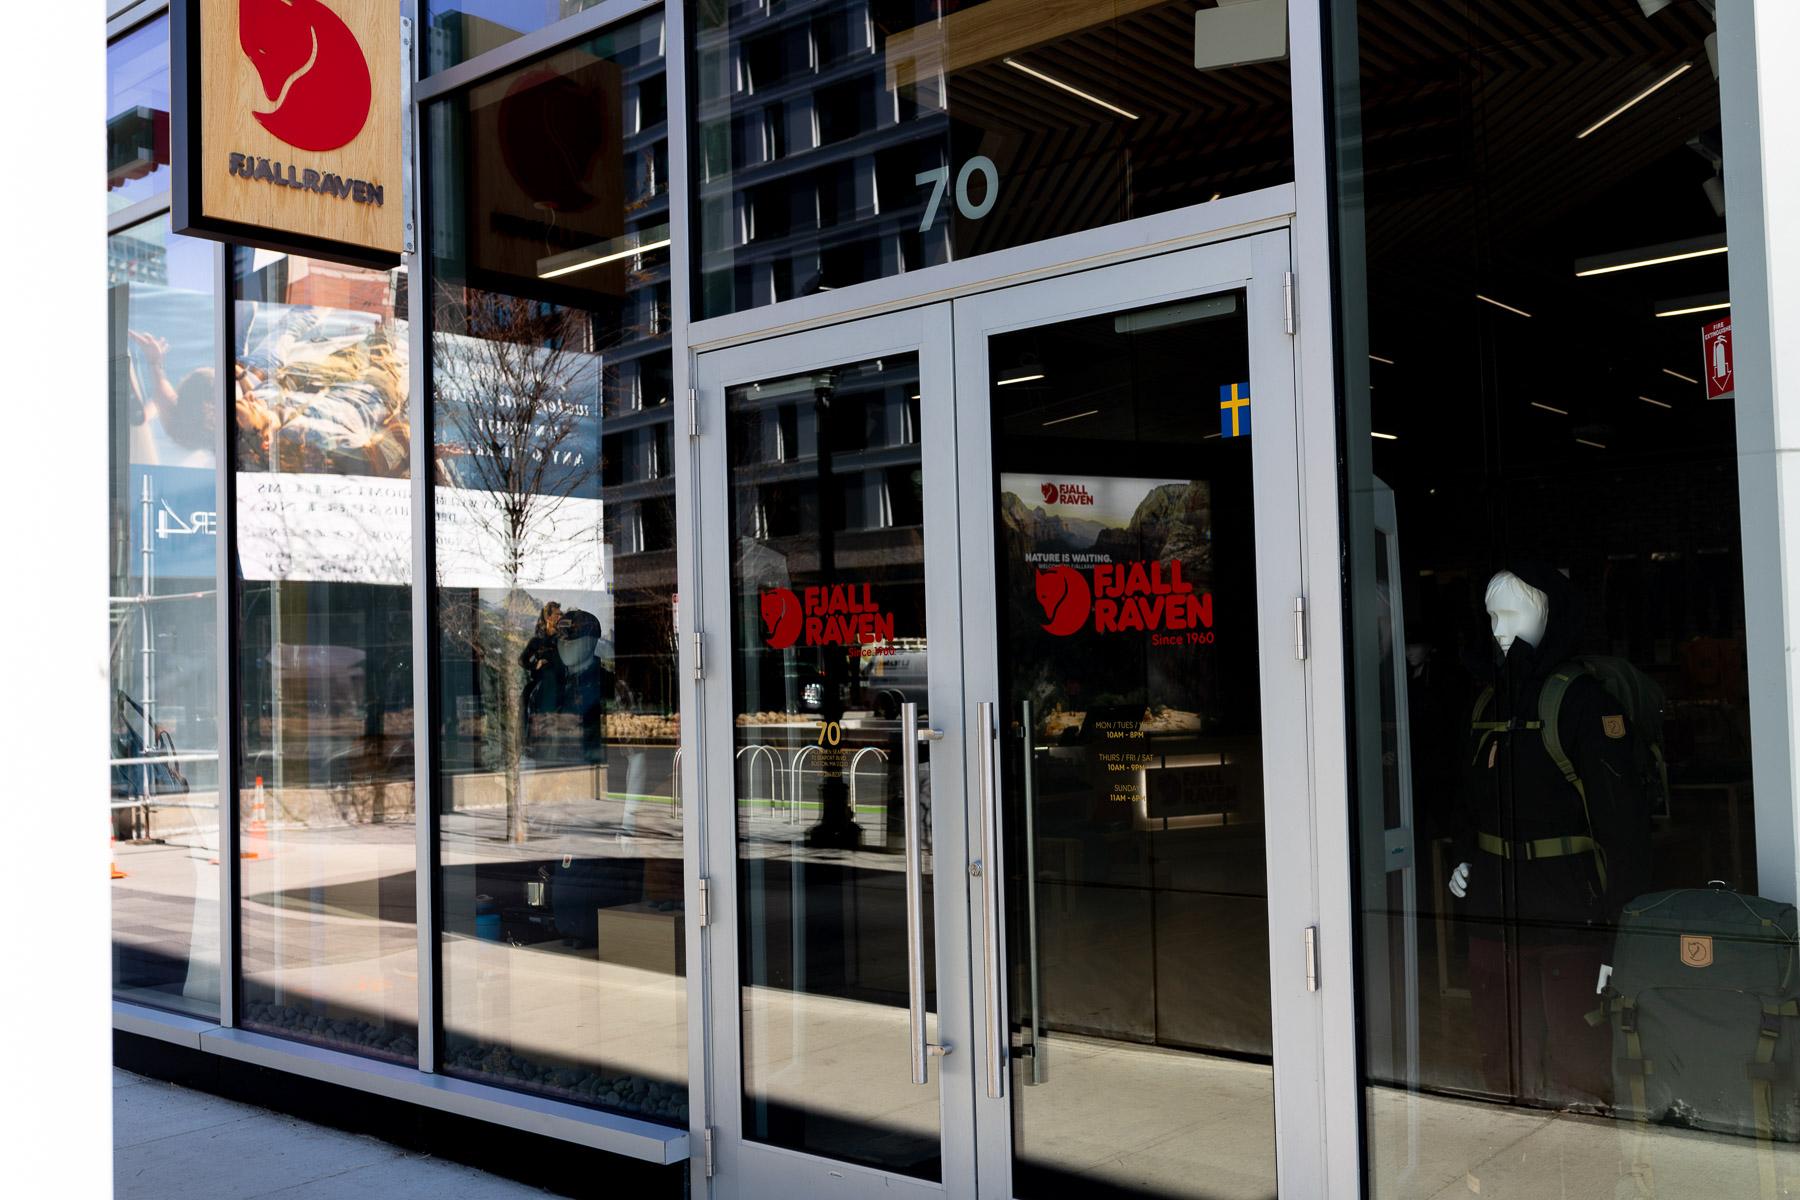 Fjallraven retailer in Boston, Massachusetts Store pic 2